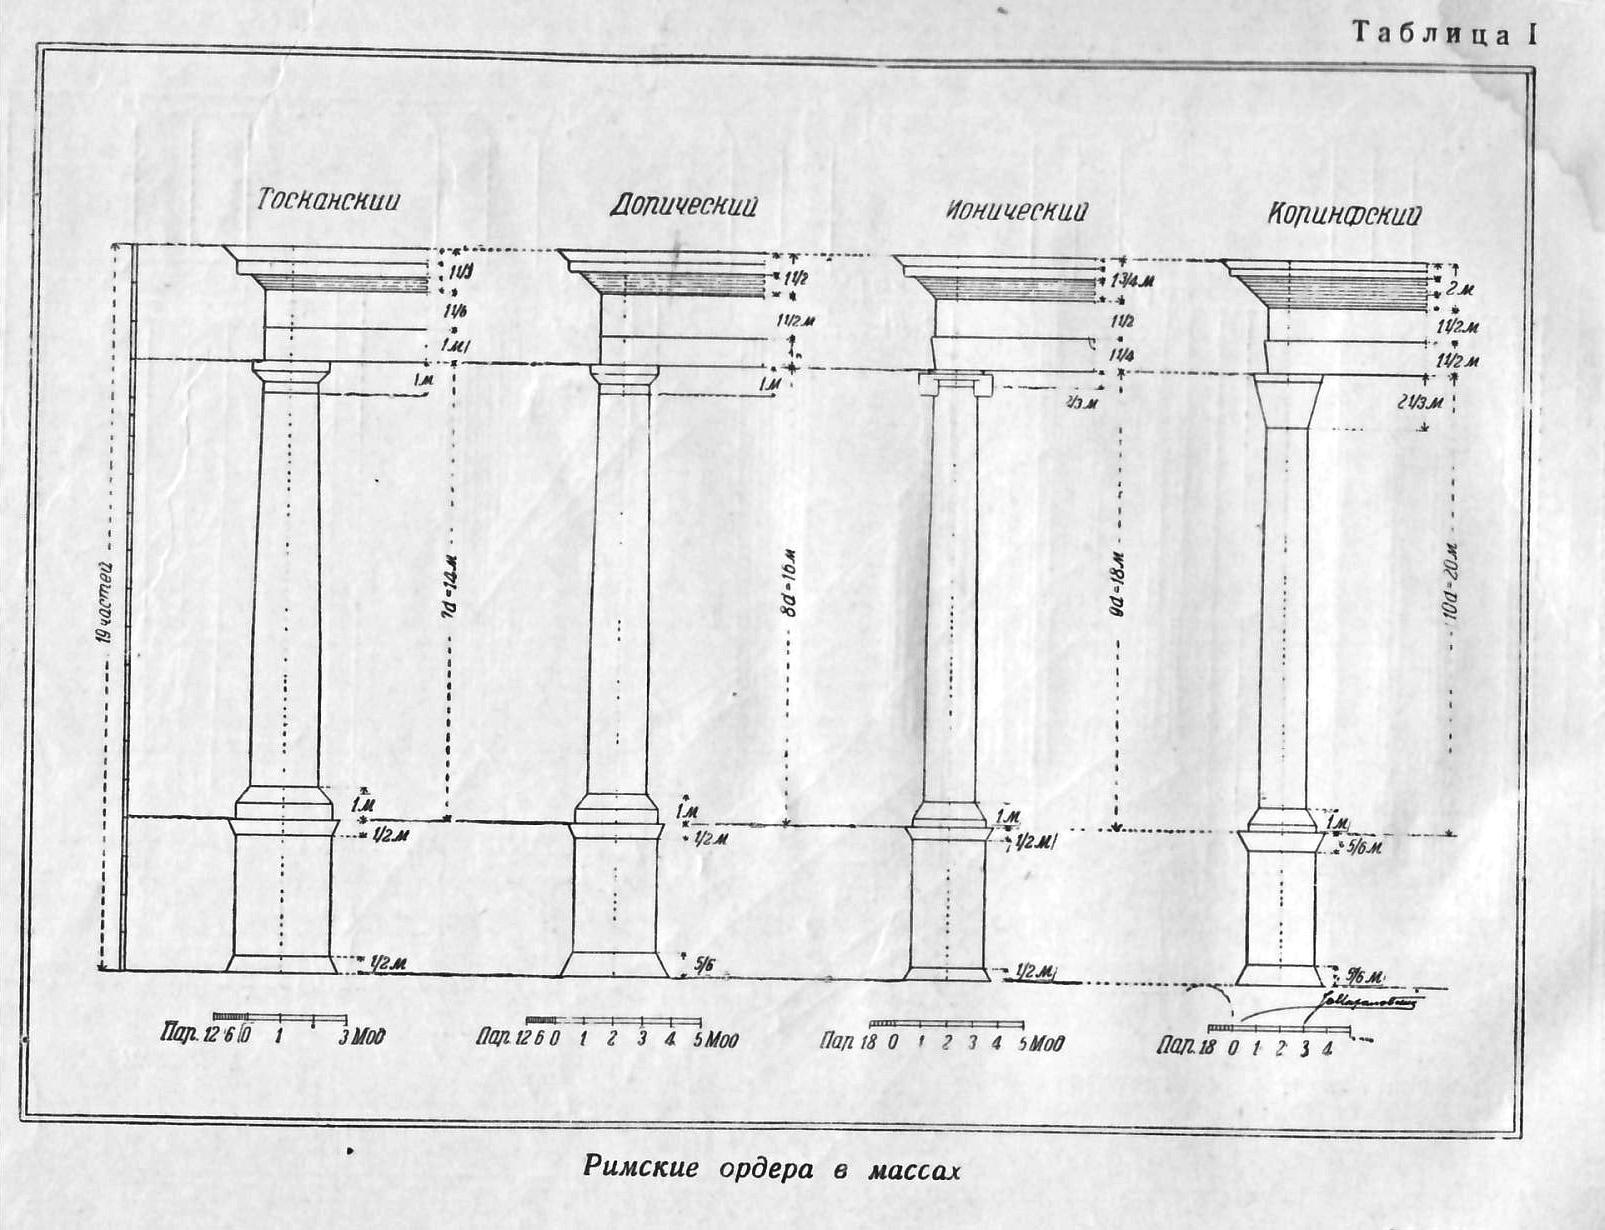 Теория классических архитектурных форм михайловский скачать pdf